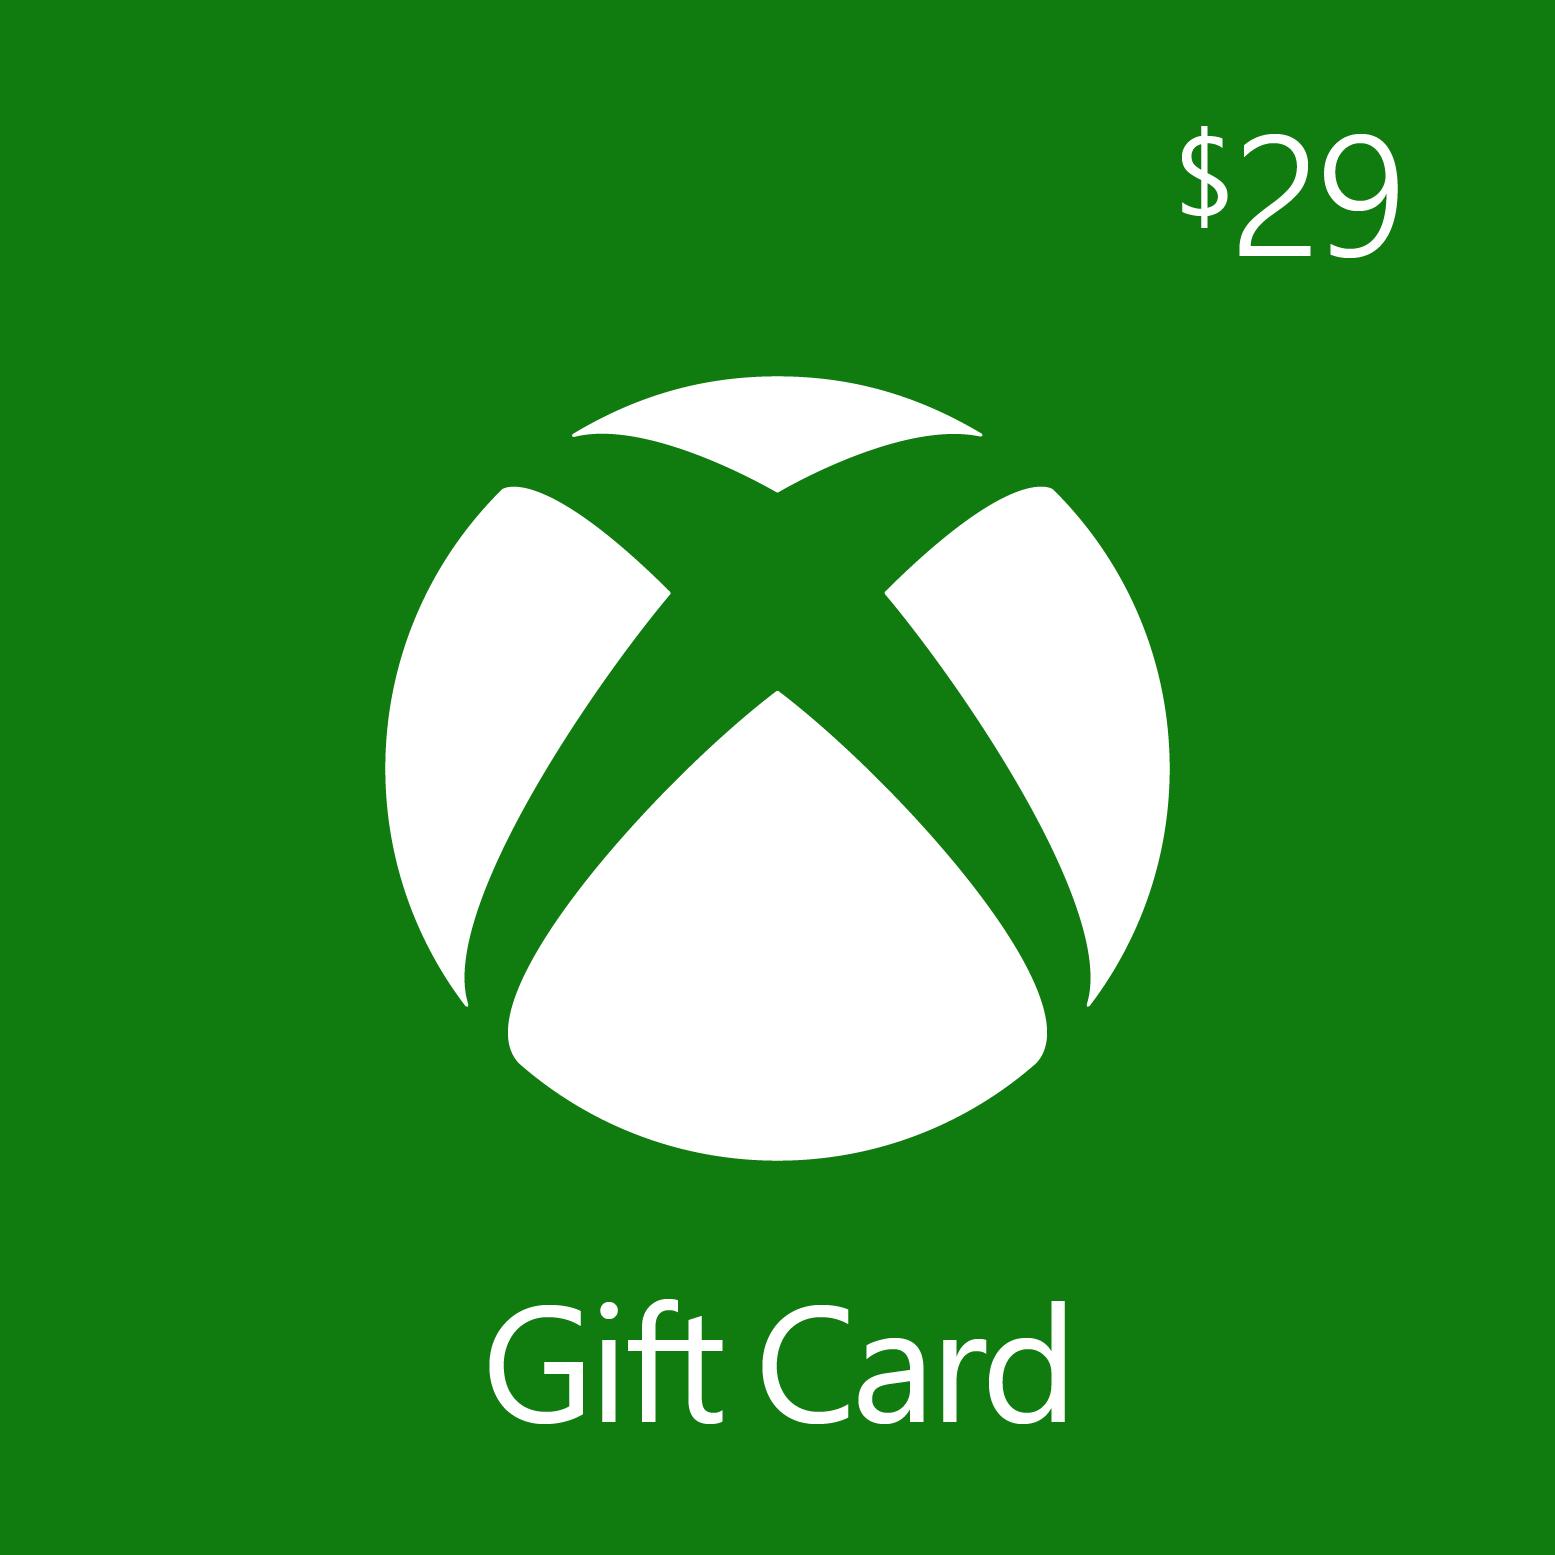 $29.00 Xbox Digital Gift Card